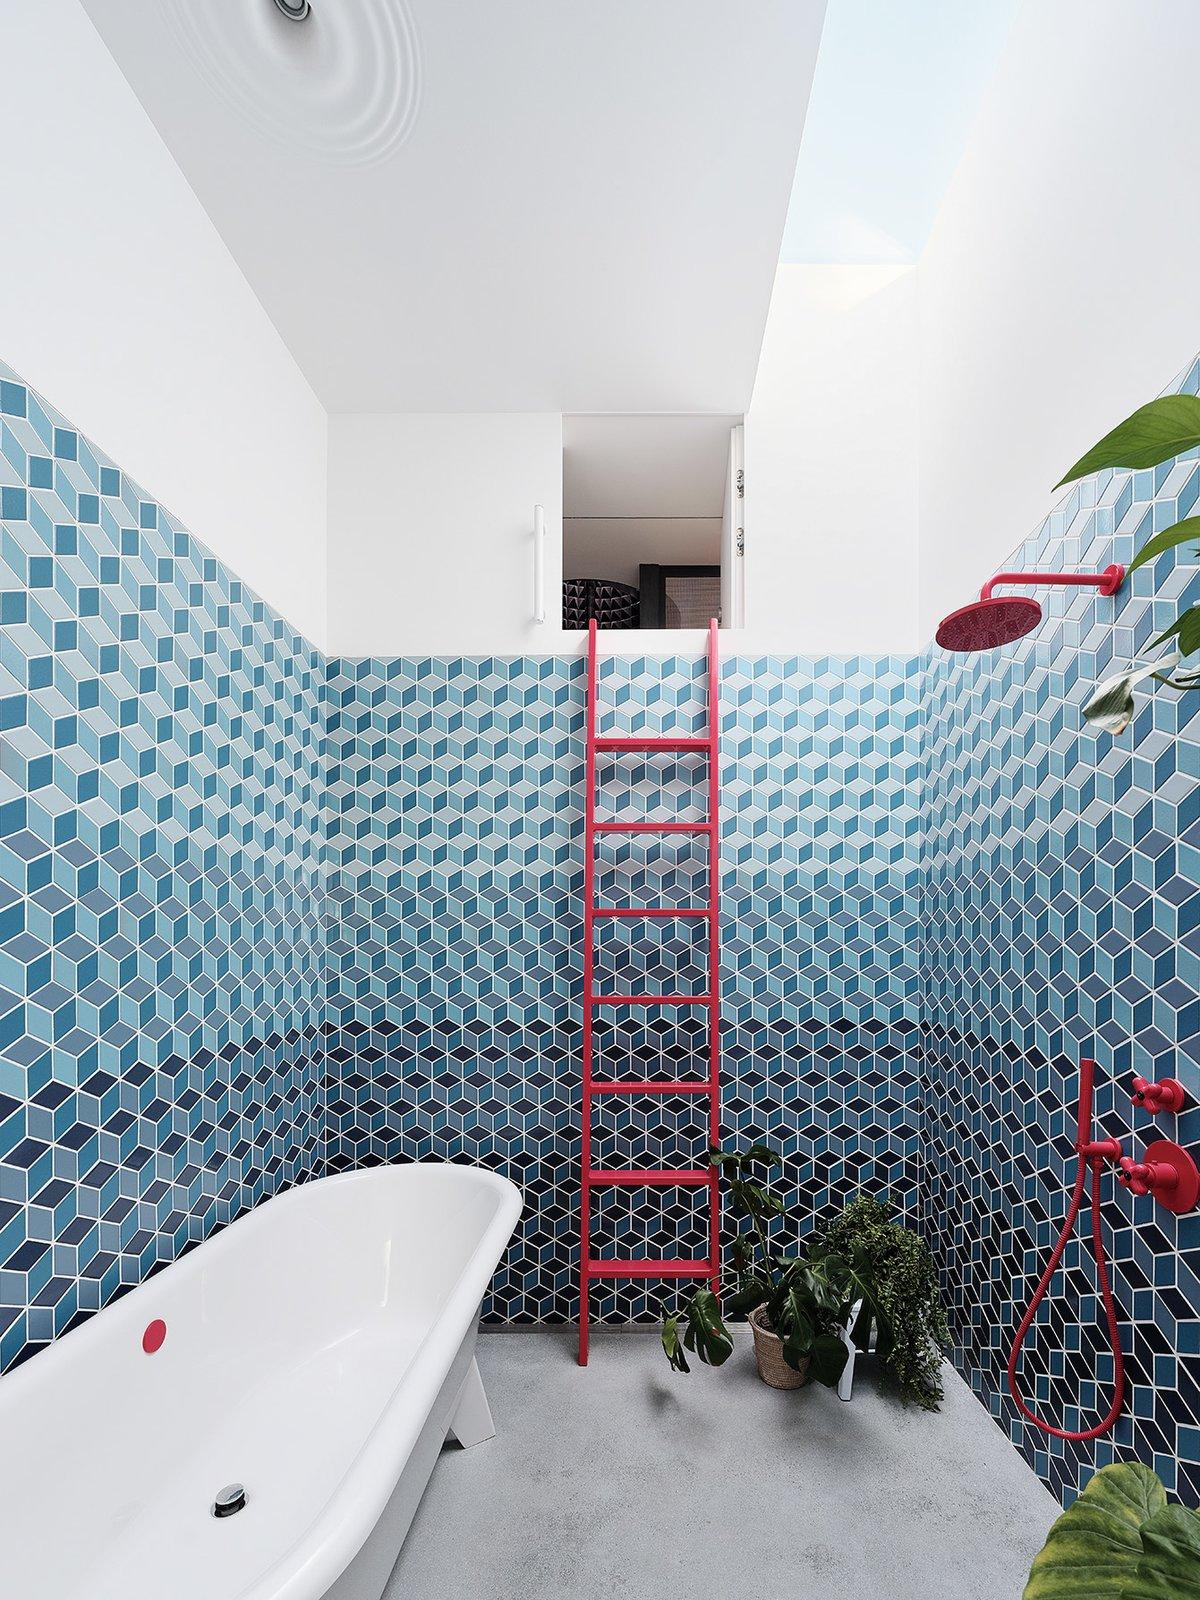 translucence-house-fougeron-architecture